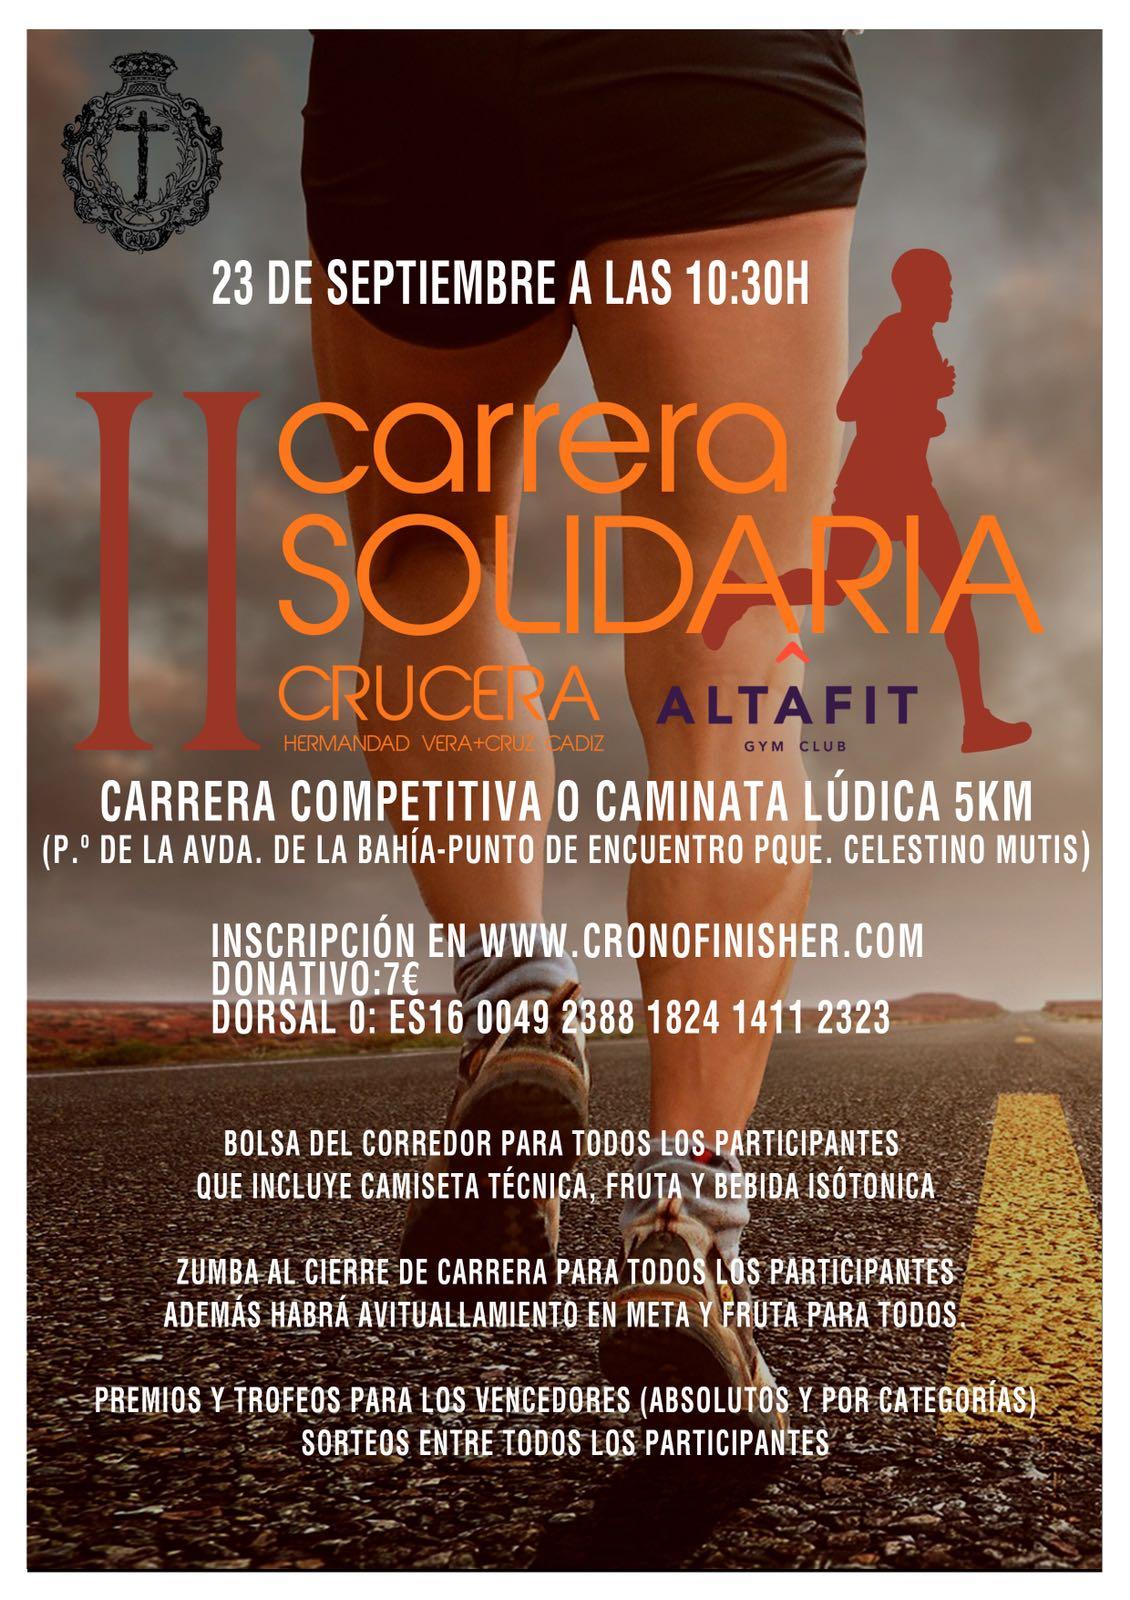 """II Carrera Solidaria """"Crucera Altafit""""-Fecha: 23 de septiembre 2018"""